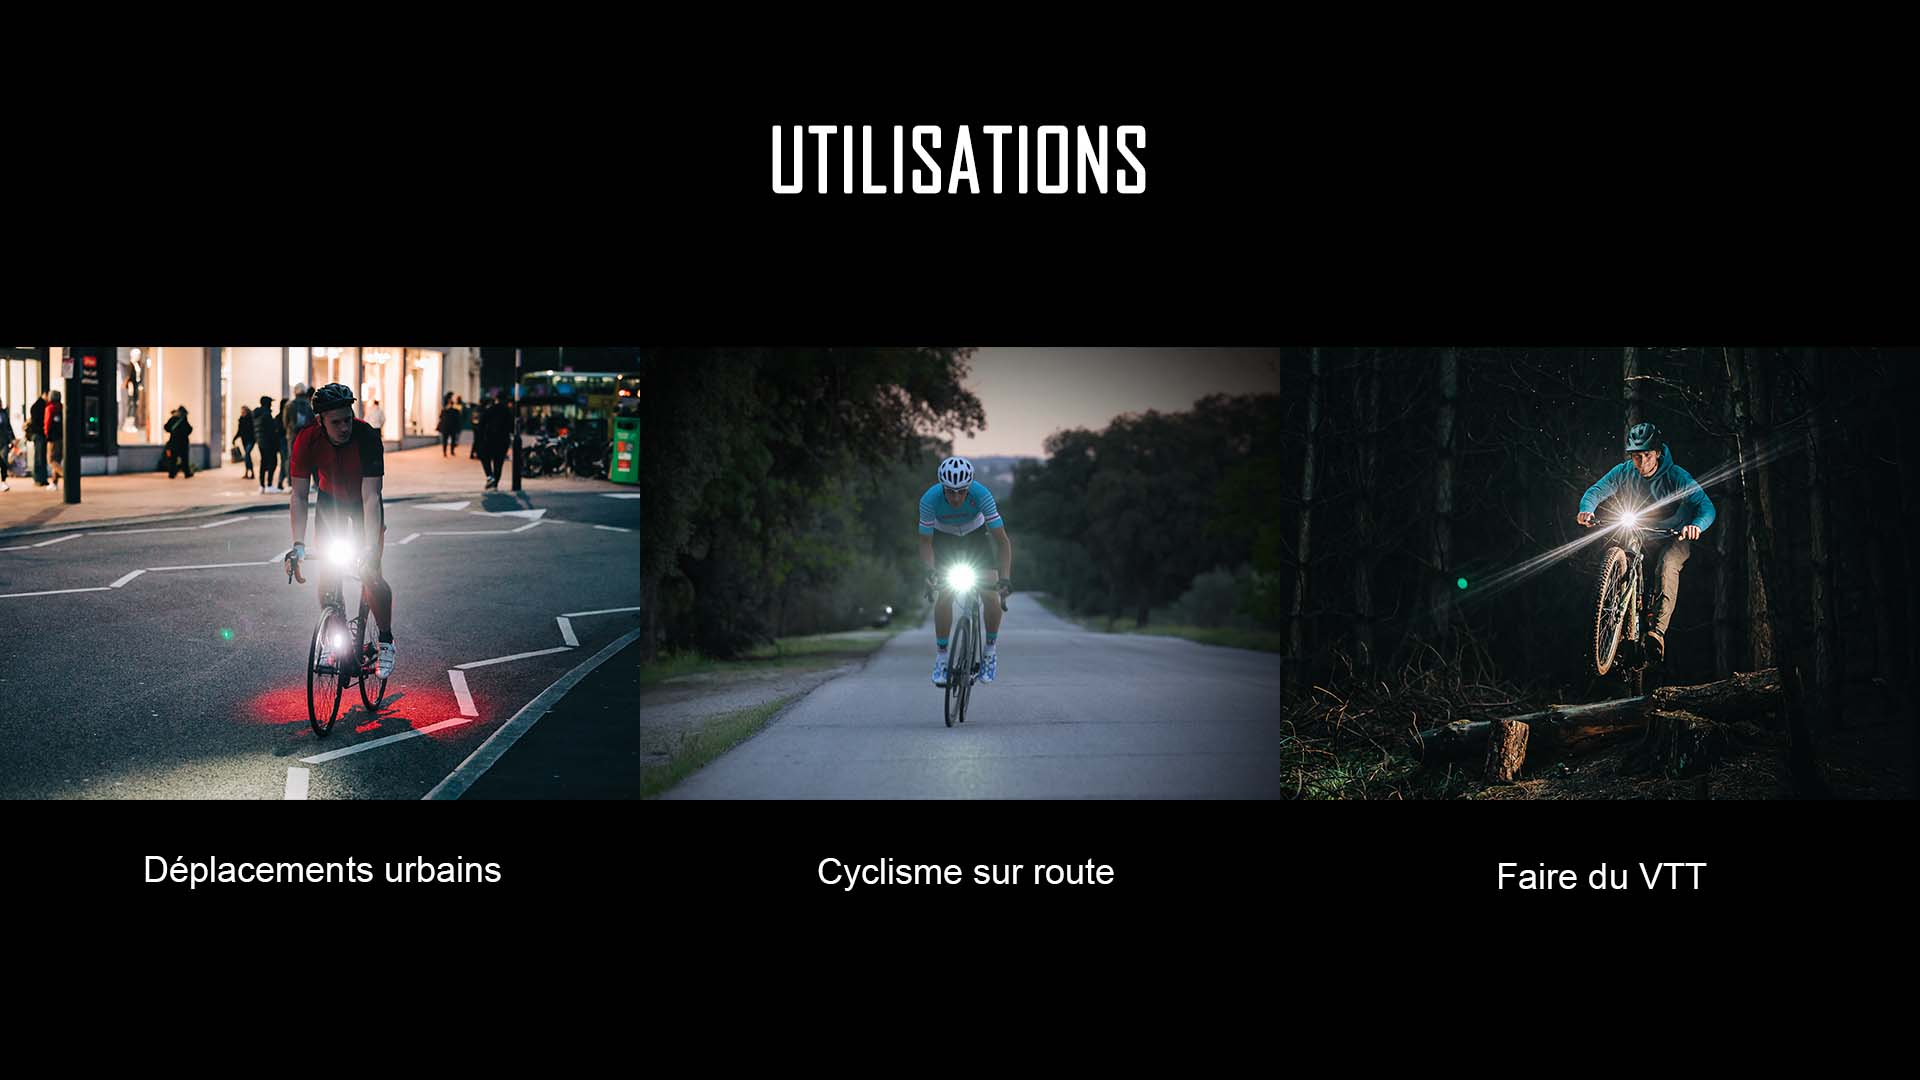 éclairage avant vélo VTT catégorie d'utilisation